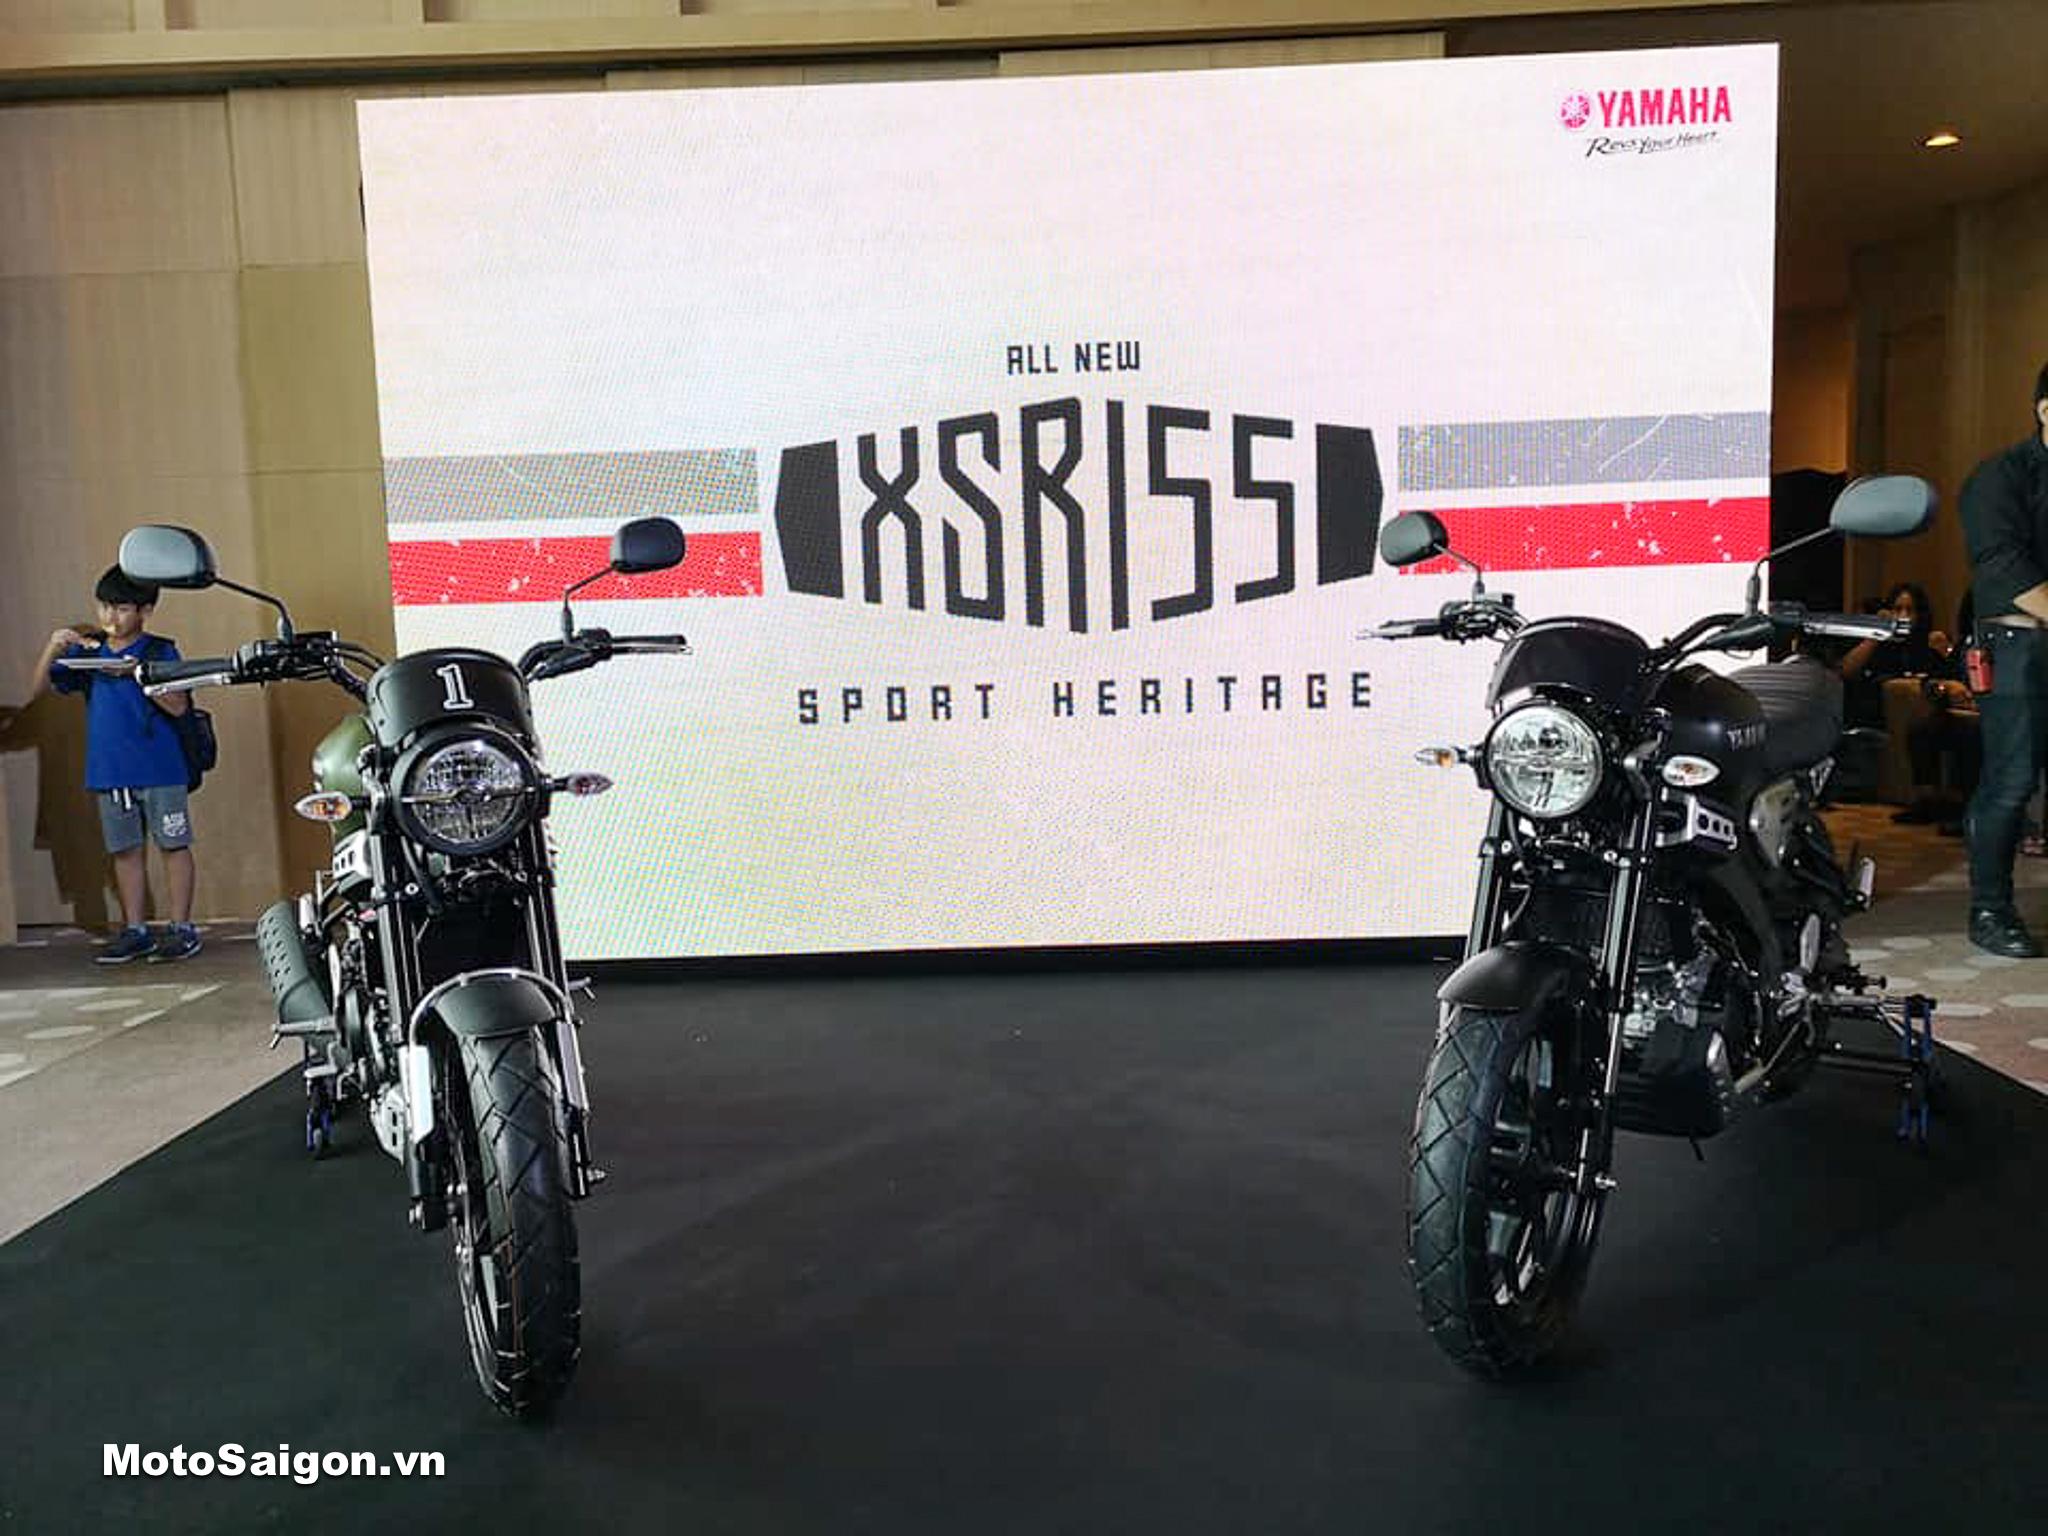 Giá xe Yamaha XSR155 đối thủ của CB150R đã được công bố